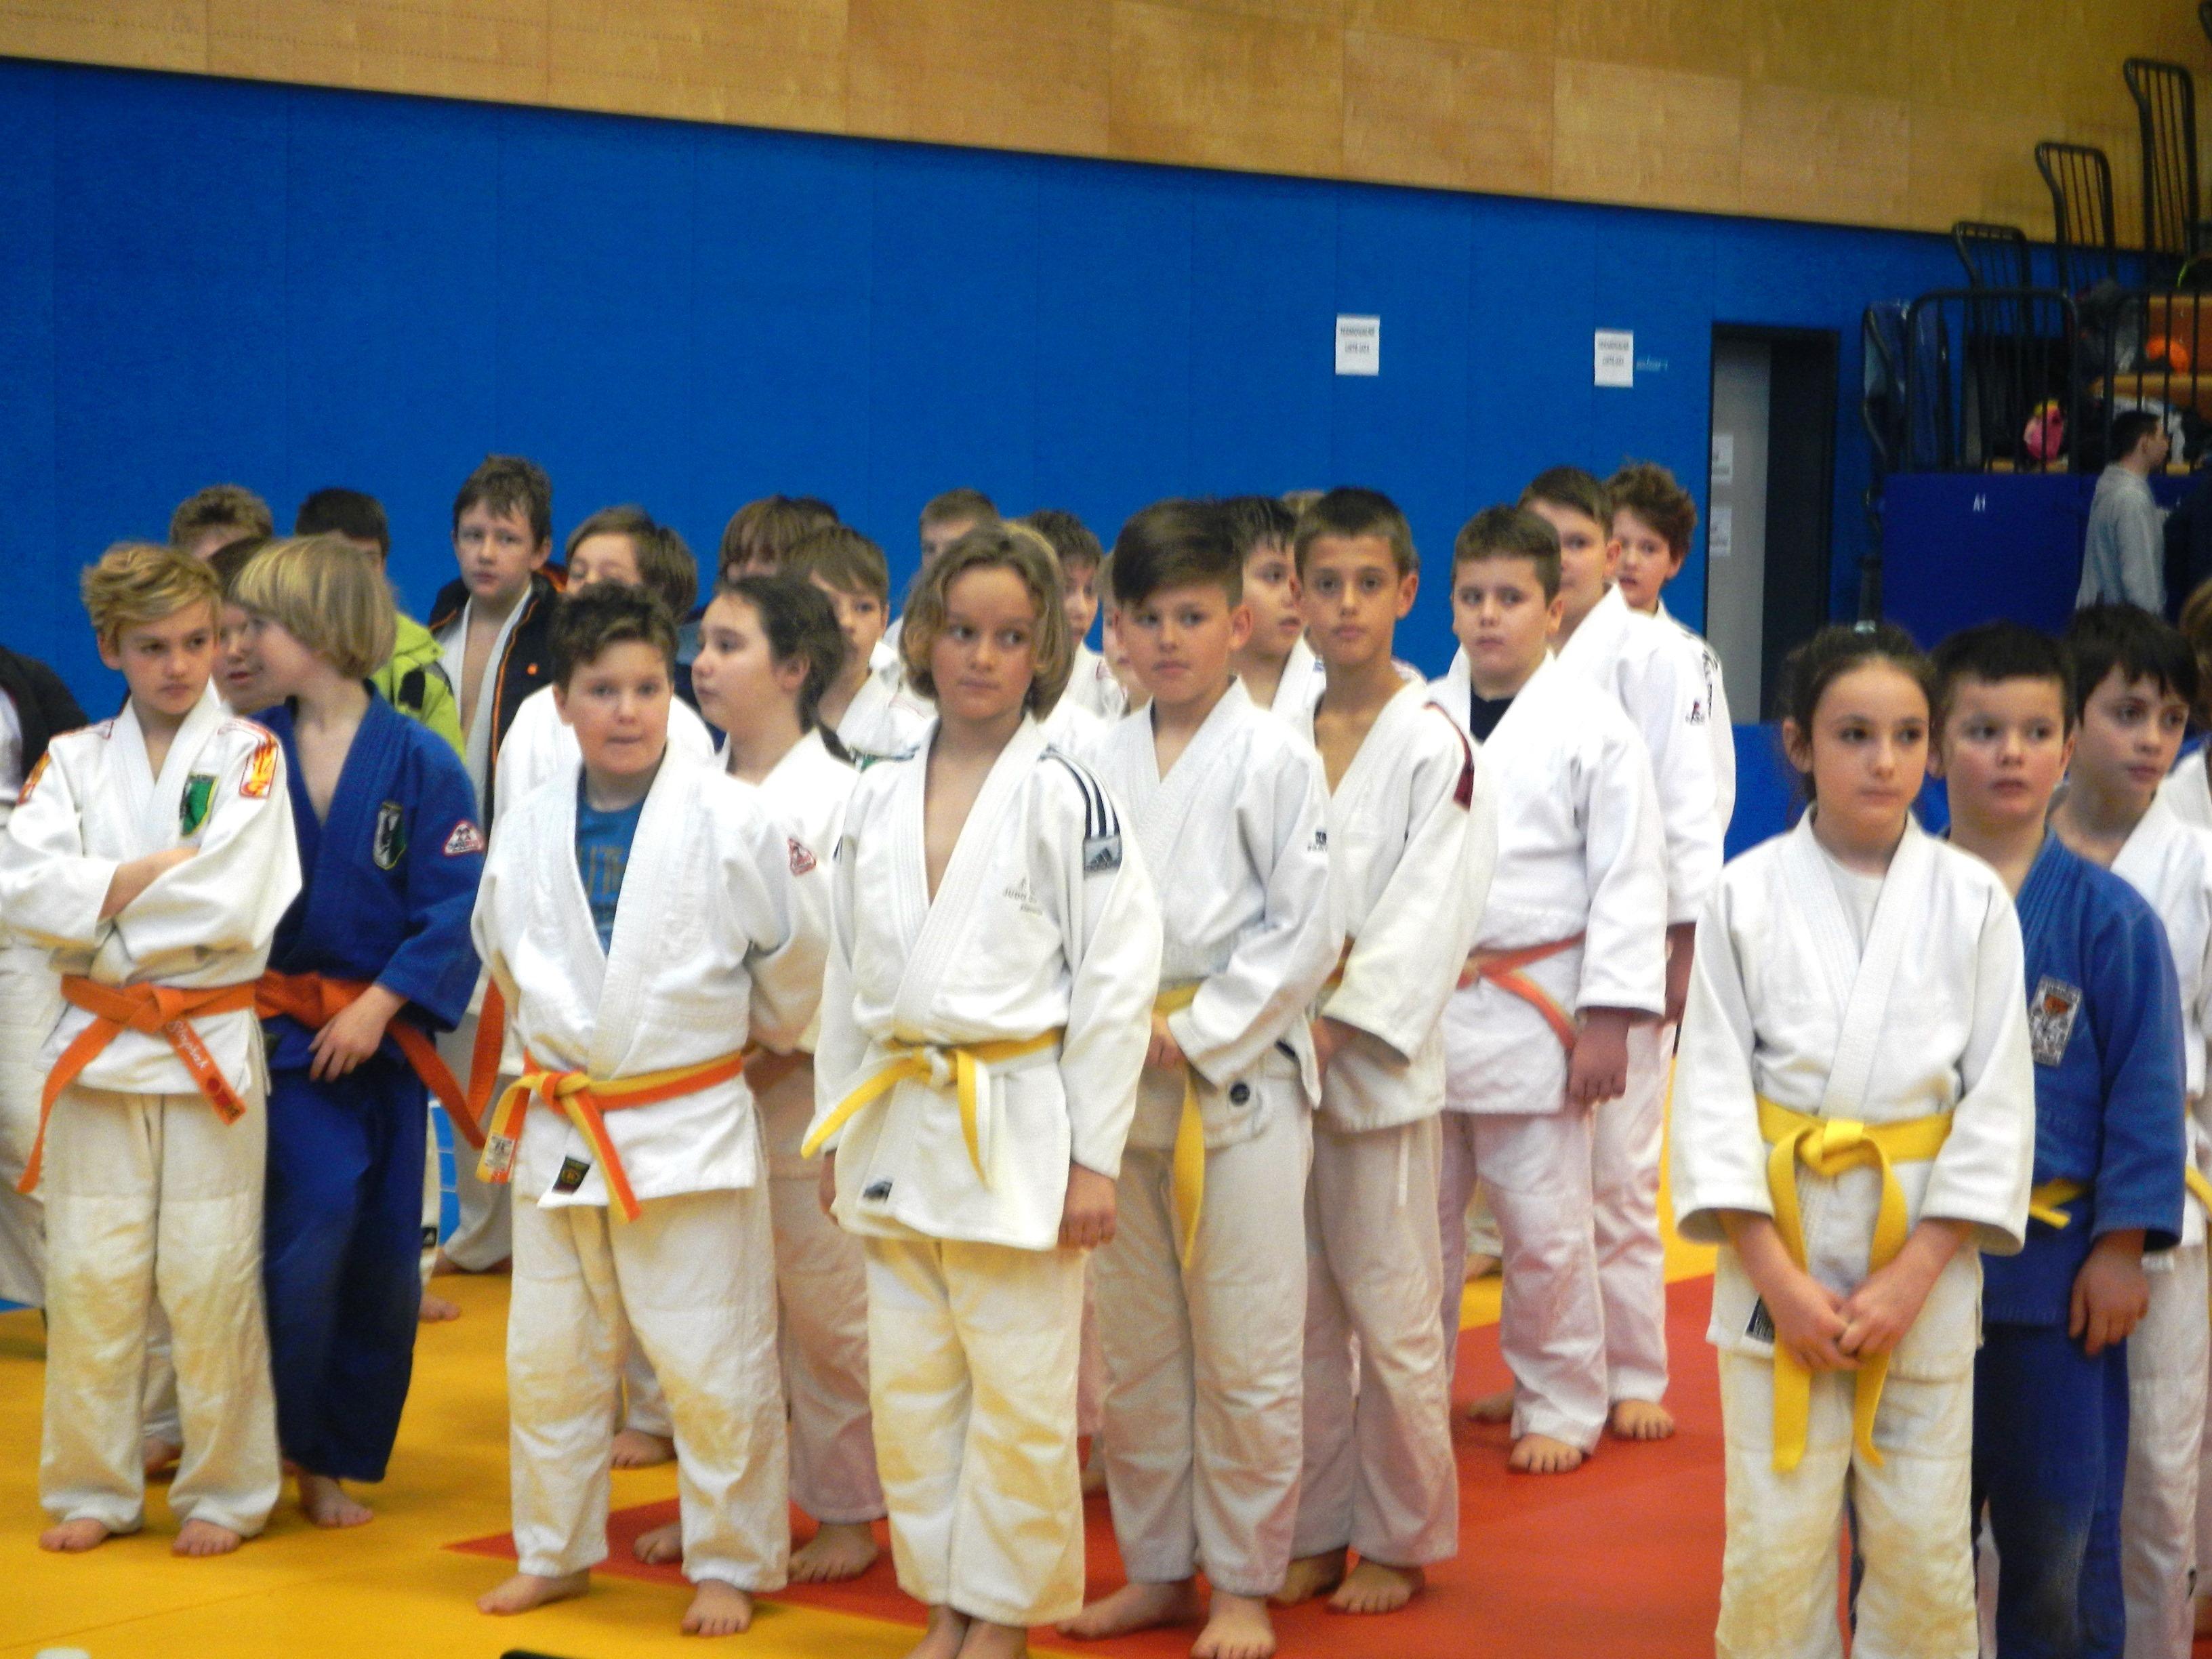 Trije mošketirji Judo kluba Koper med otvoritvijo